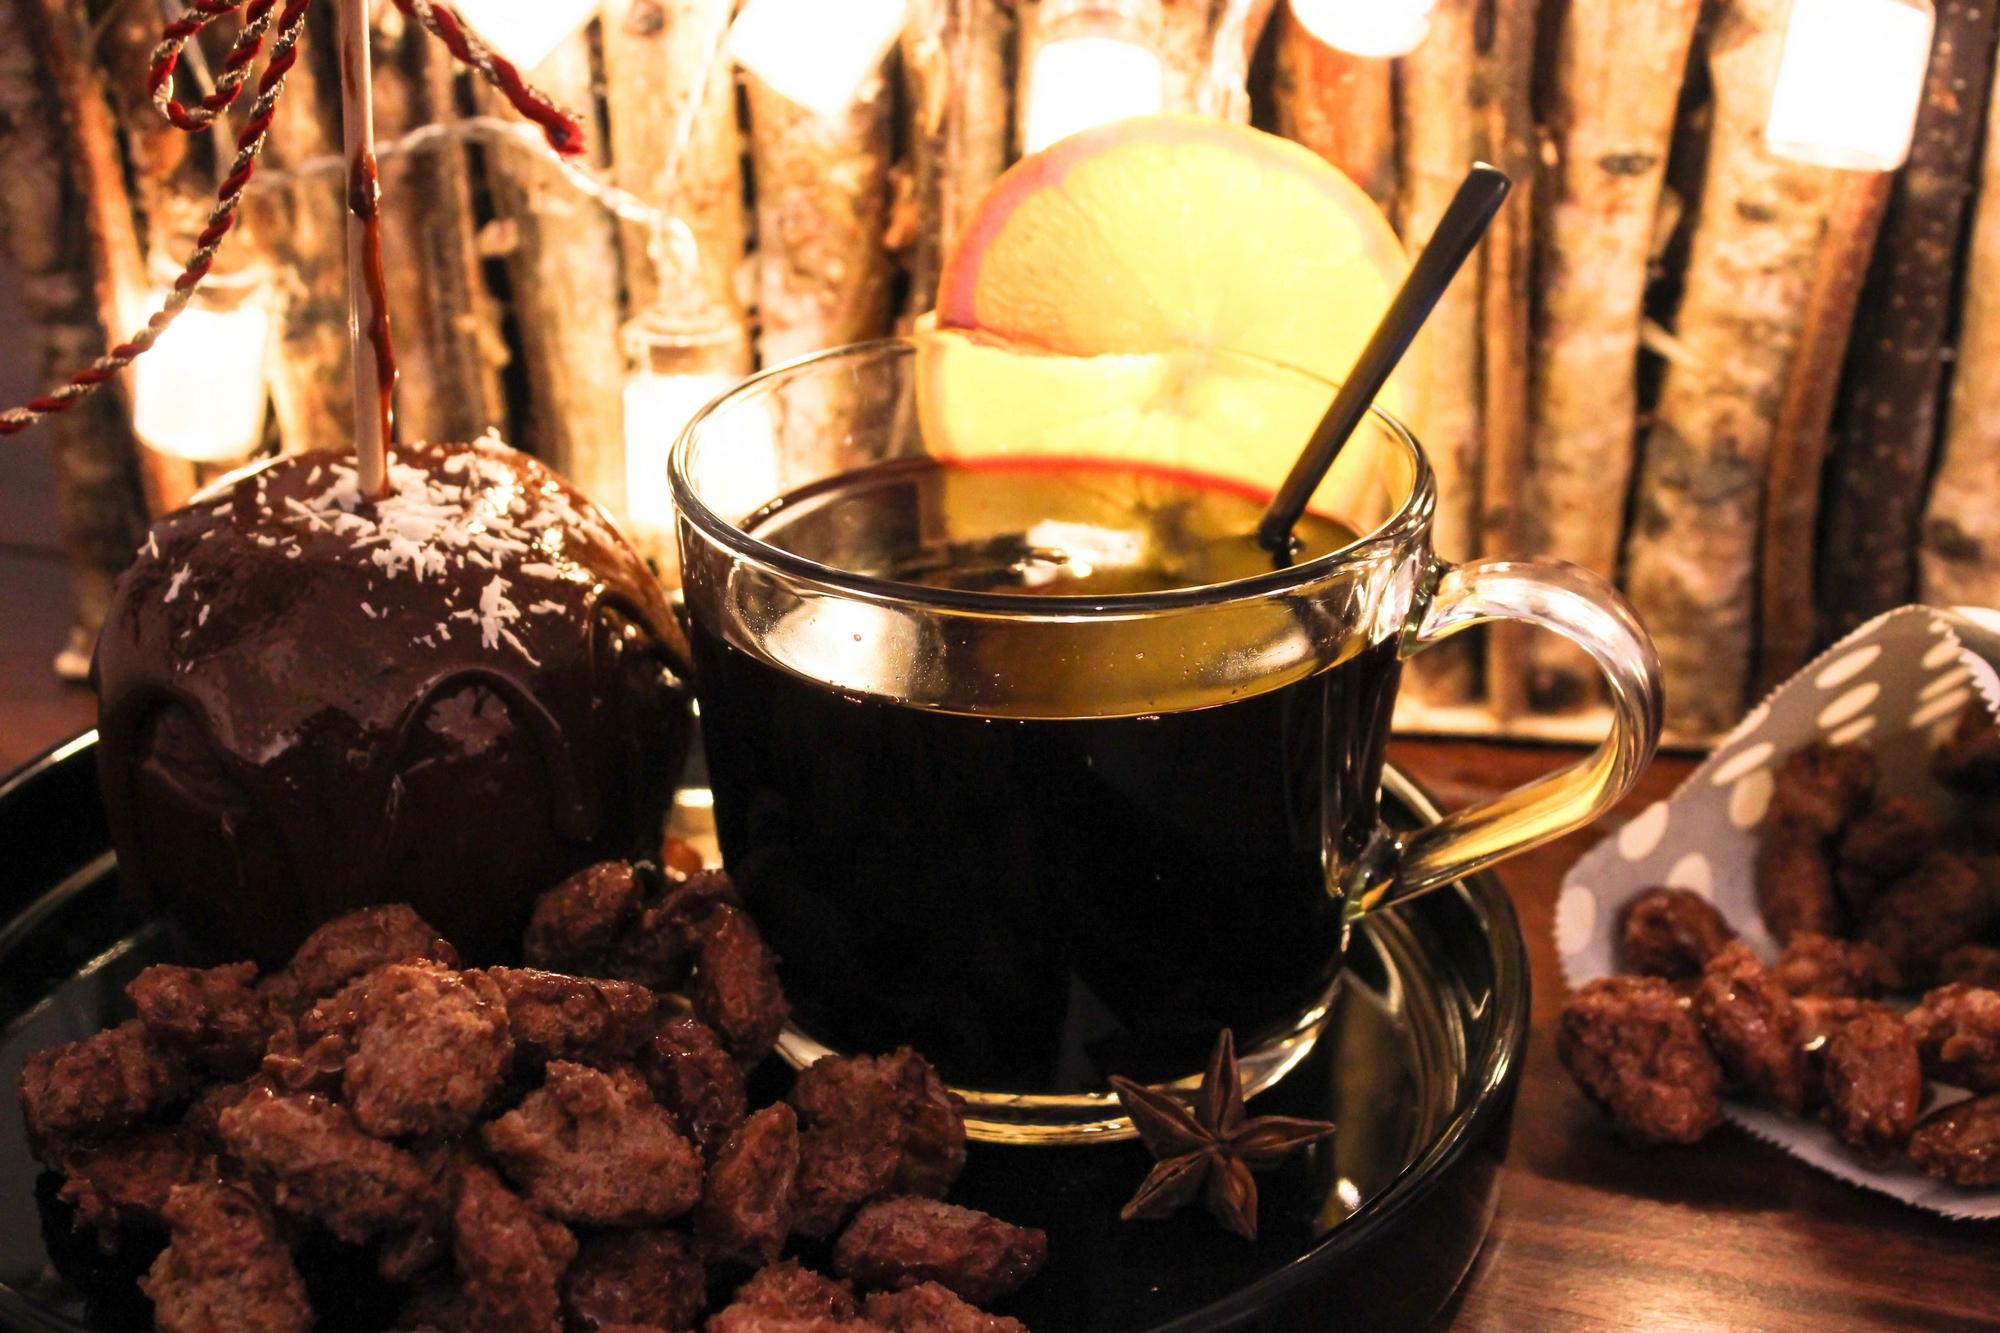 Weihnachtsmarkt Typische Speisen.Drei Vegane Leckereien Vom Weihnachtsmarkt Bio Blog